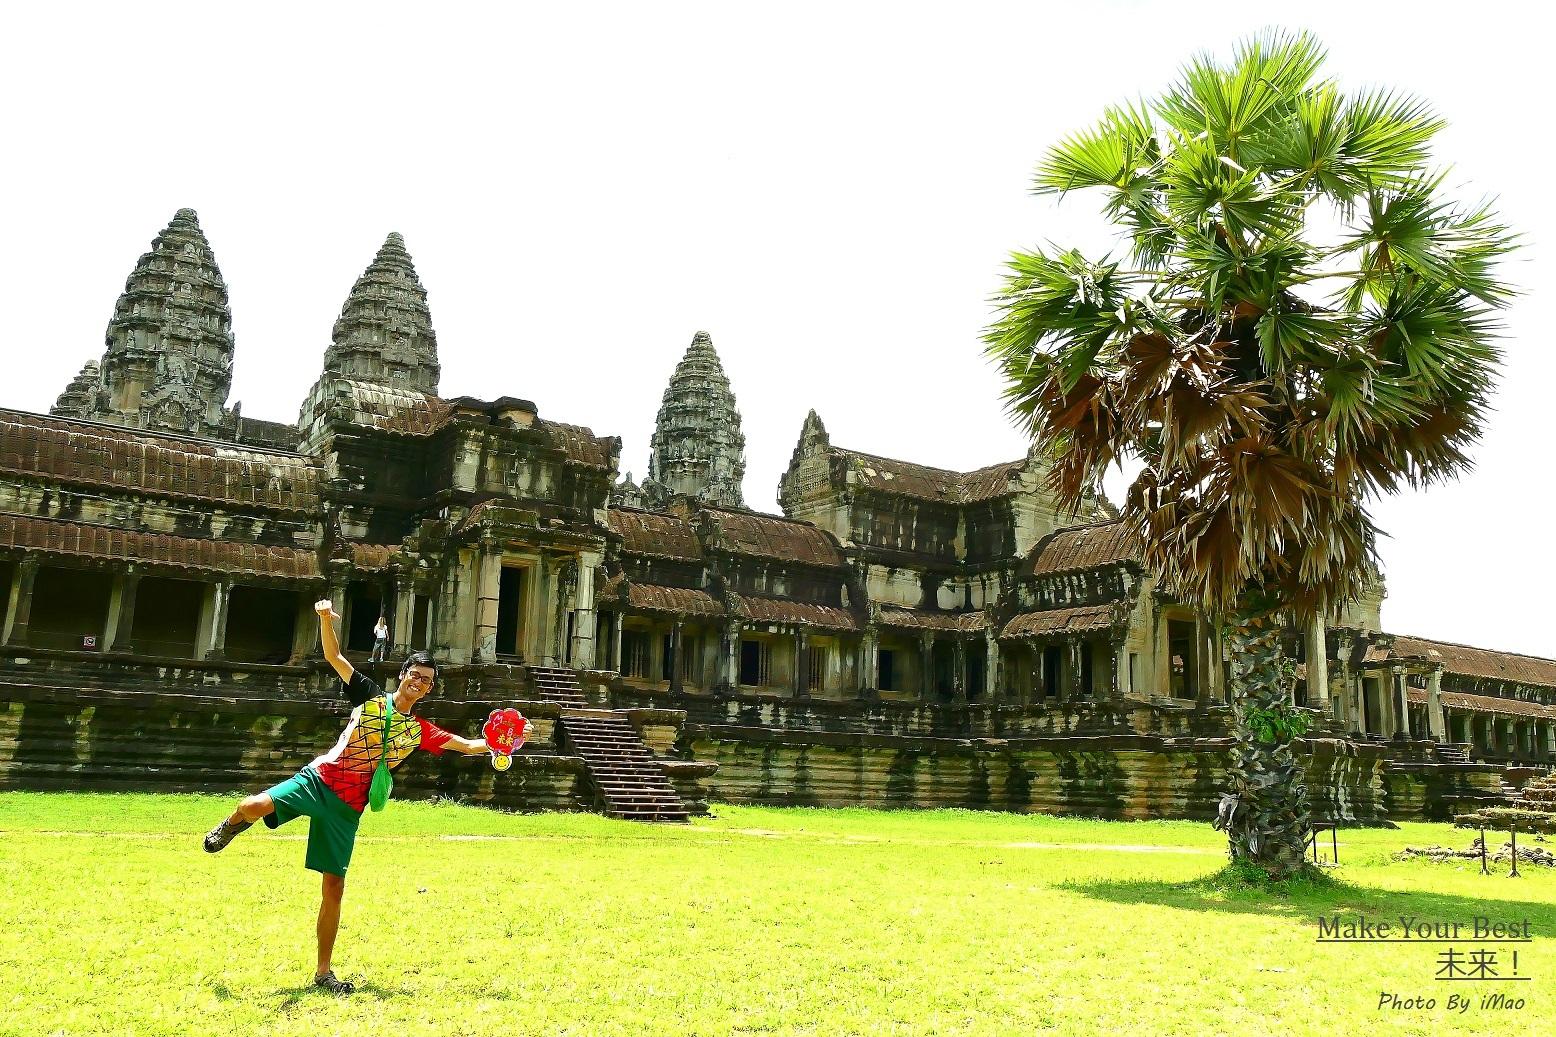 【元ホスト・ローランド】印税をカンボジア支援(学校設立・寄付)に!【名言1】